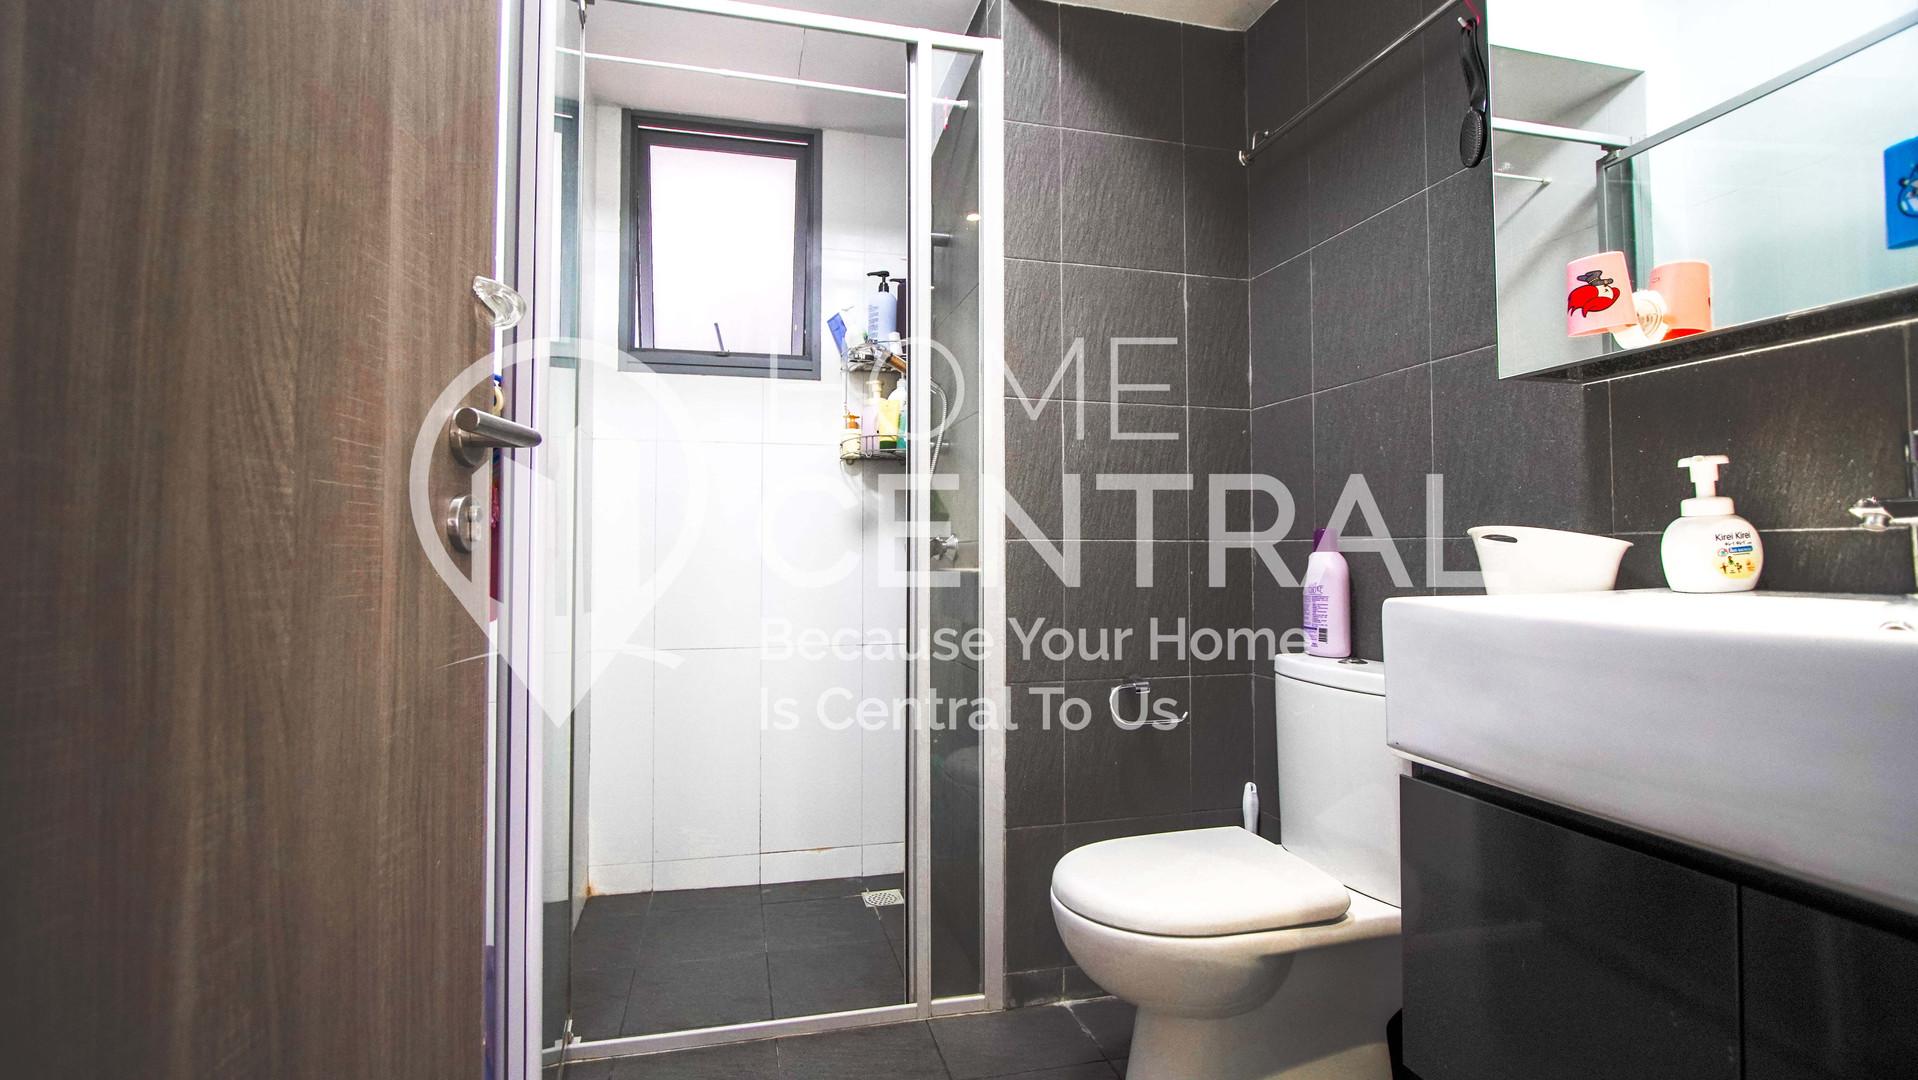 17 Common Toilet DSC02707-HDR.jpg